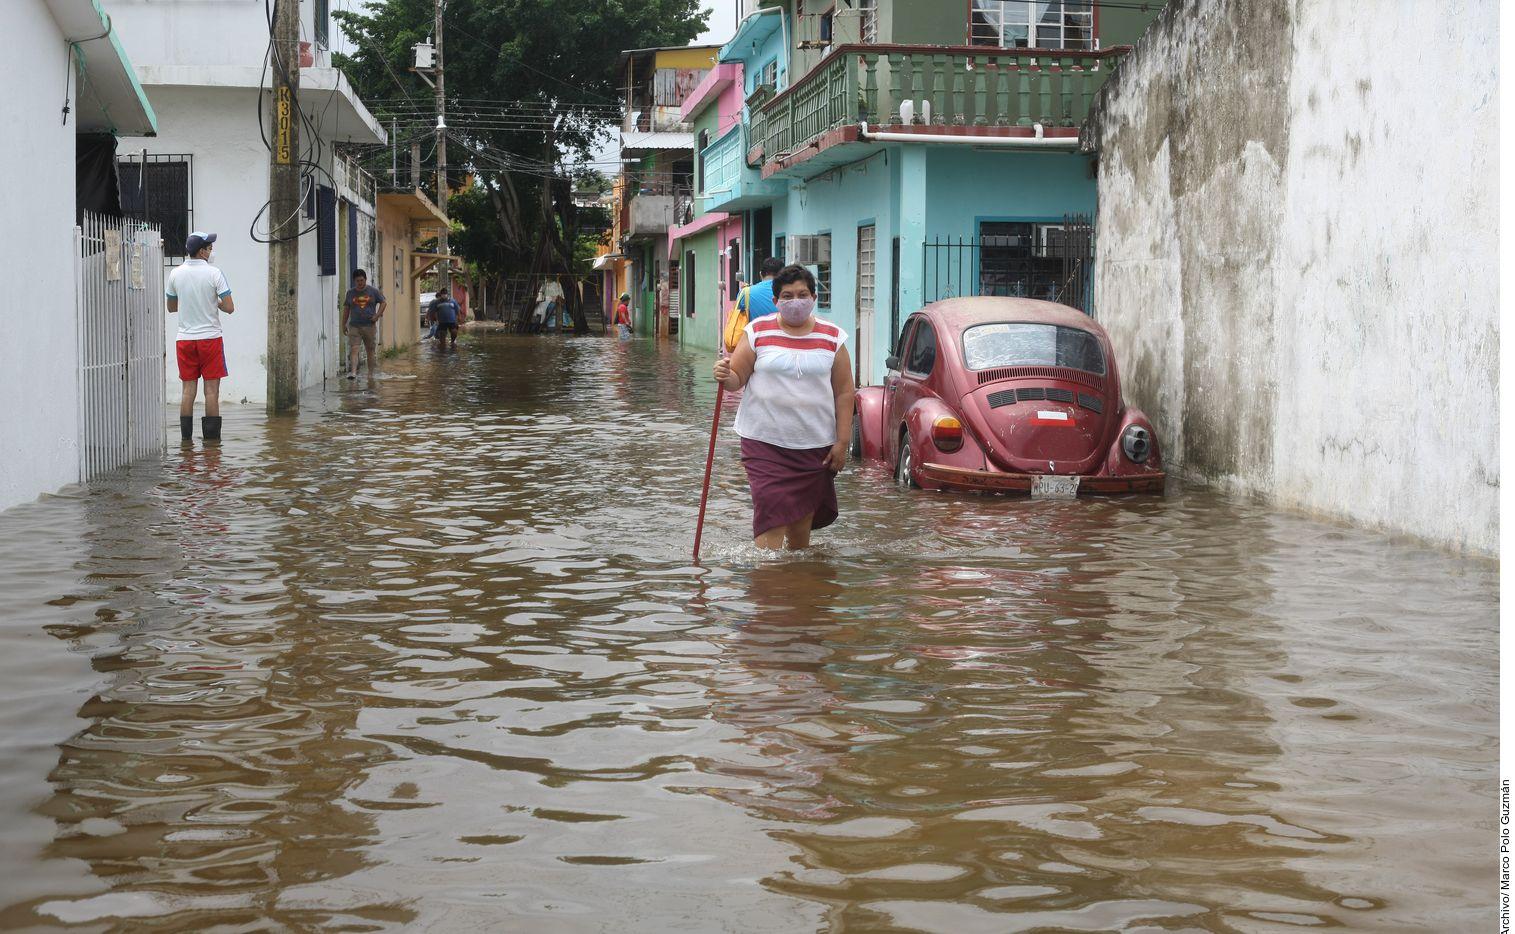 Tres días de intensas precipitaciones se vivieron en Villahermosa, Tabasco, como consecuencia de la tormenta tropical Gamma.